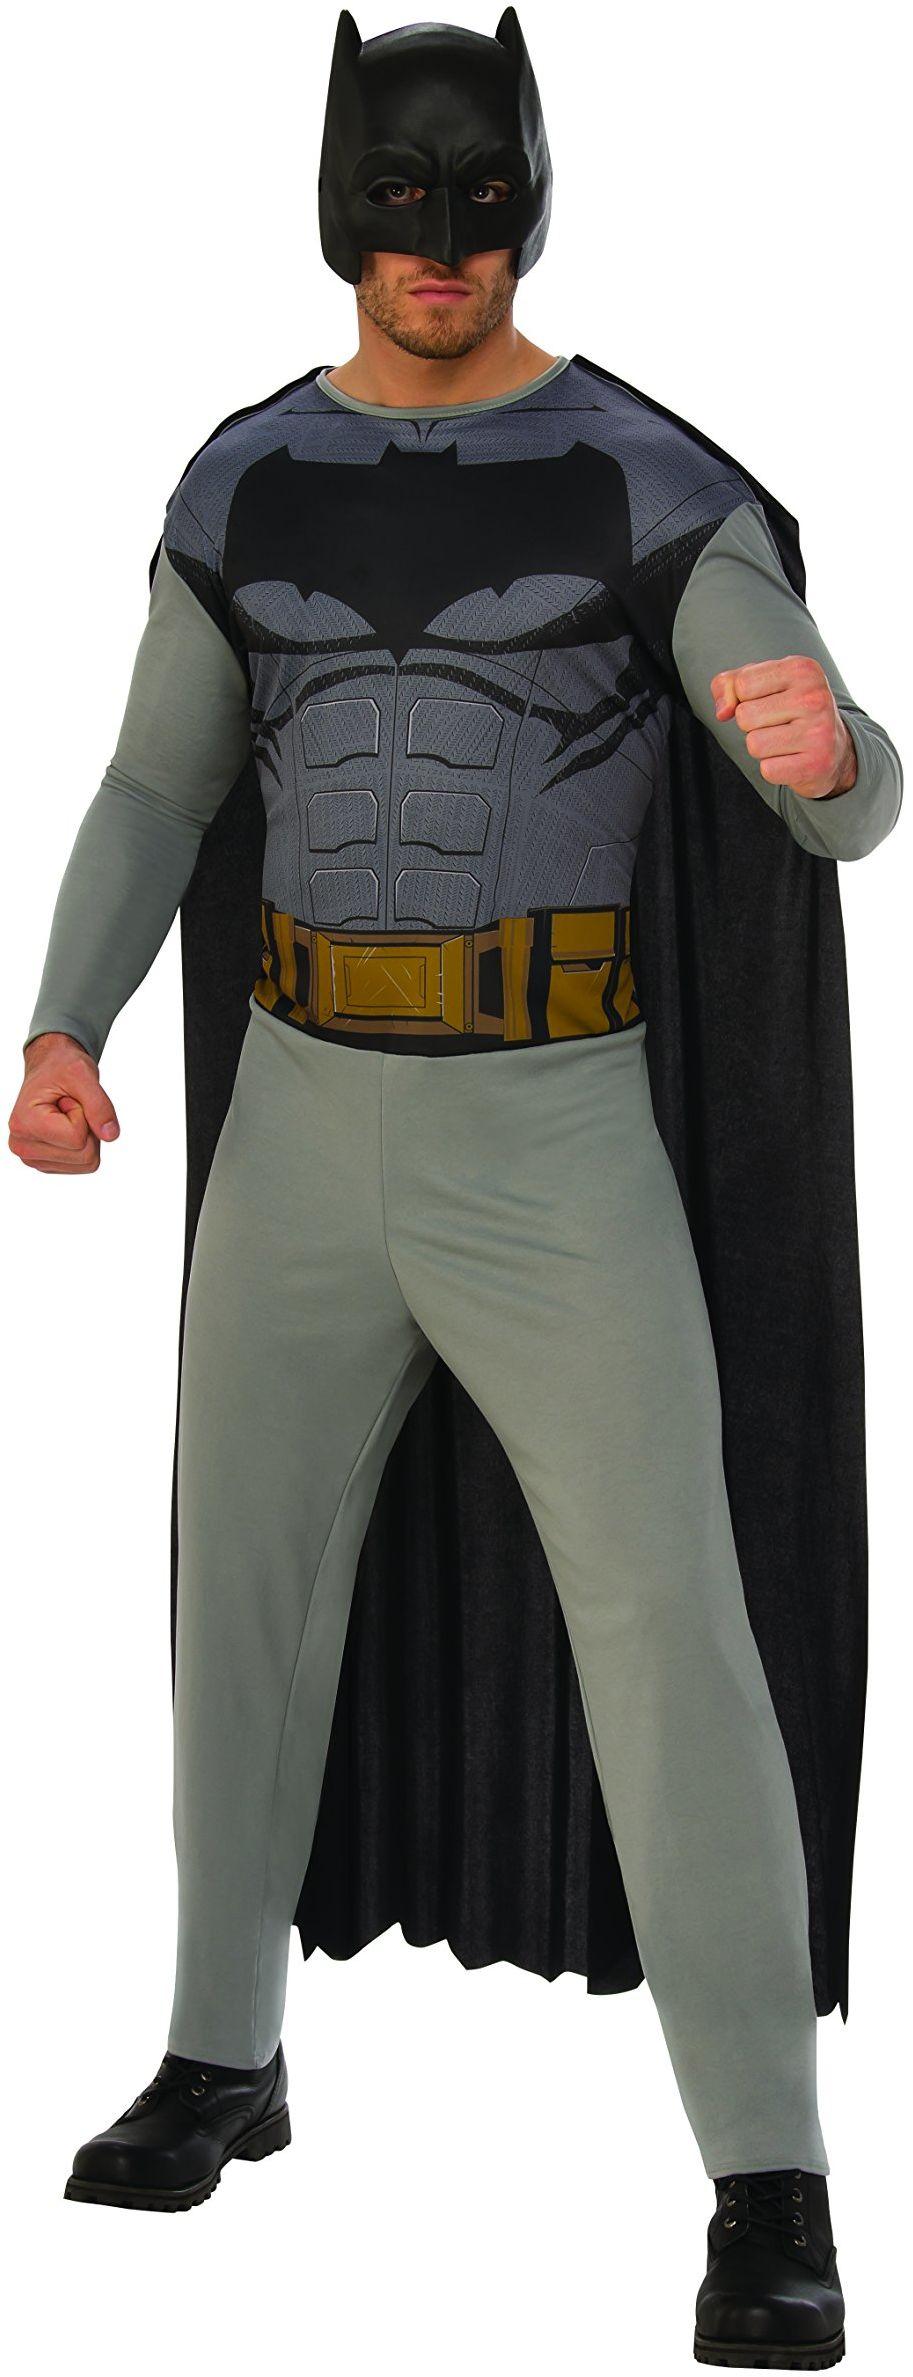 Batman  kostium dla dorosłych, XL (Rubies Spain 820960-Xl)